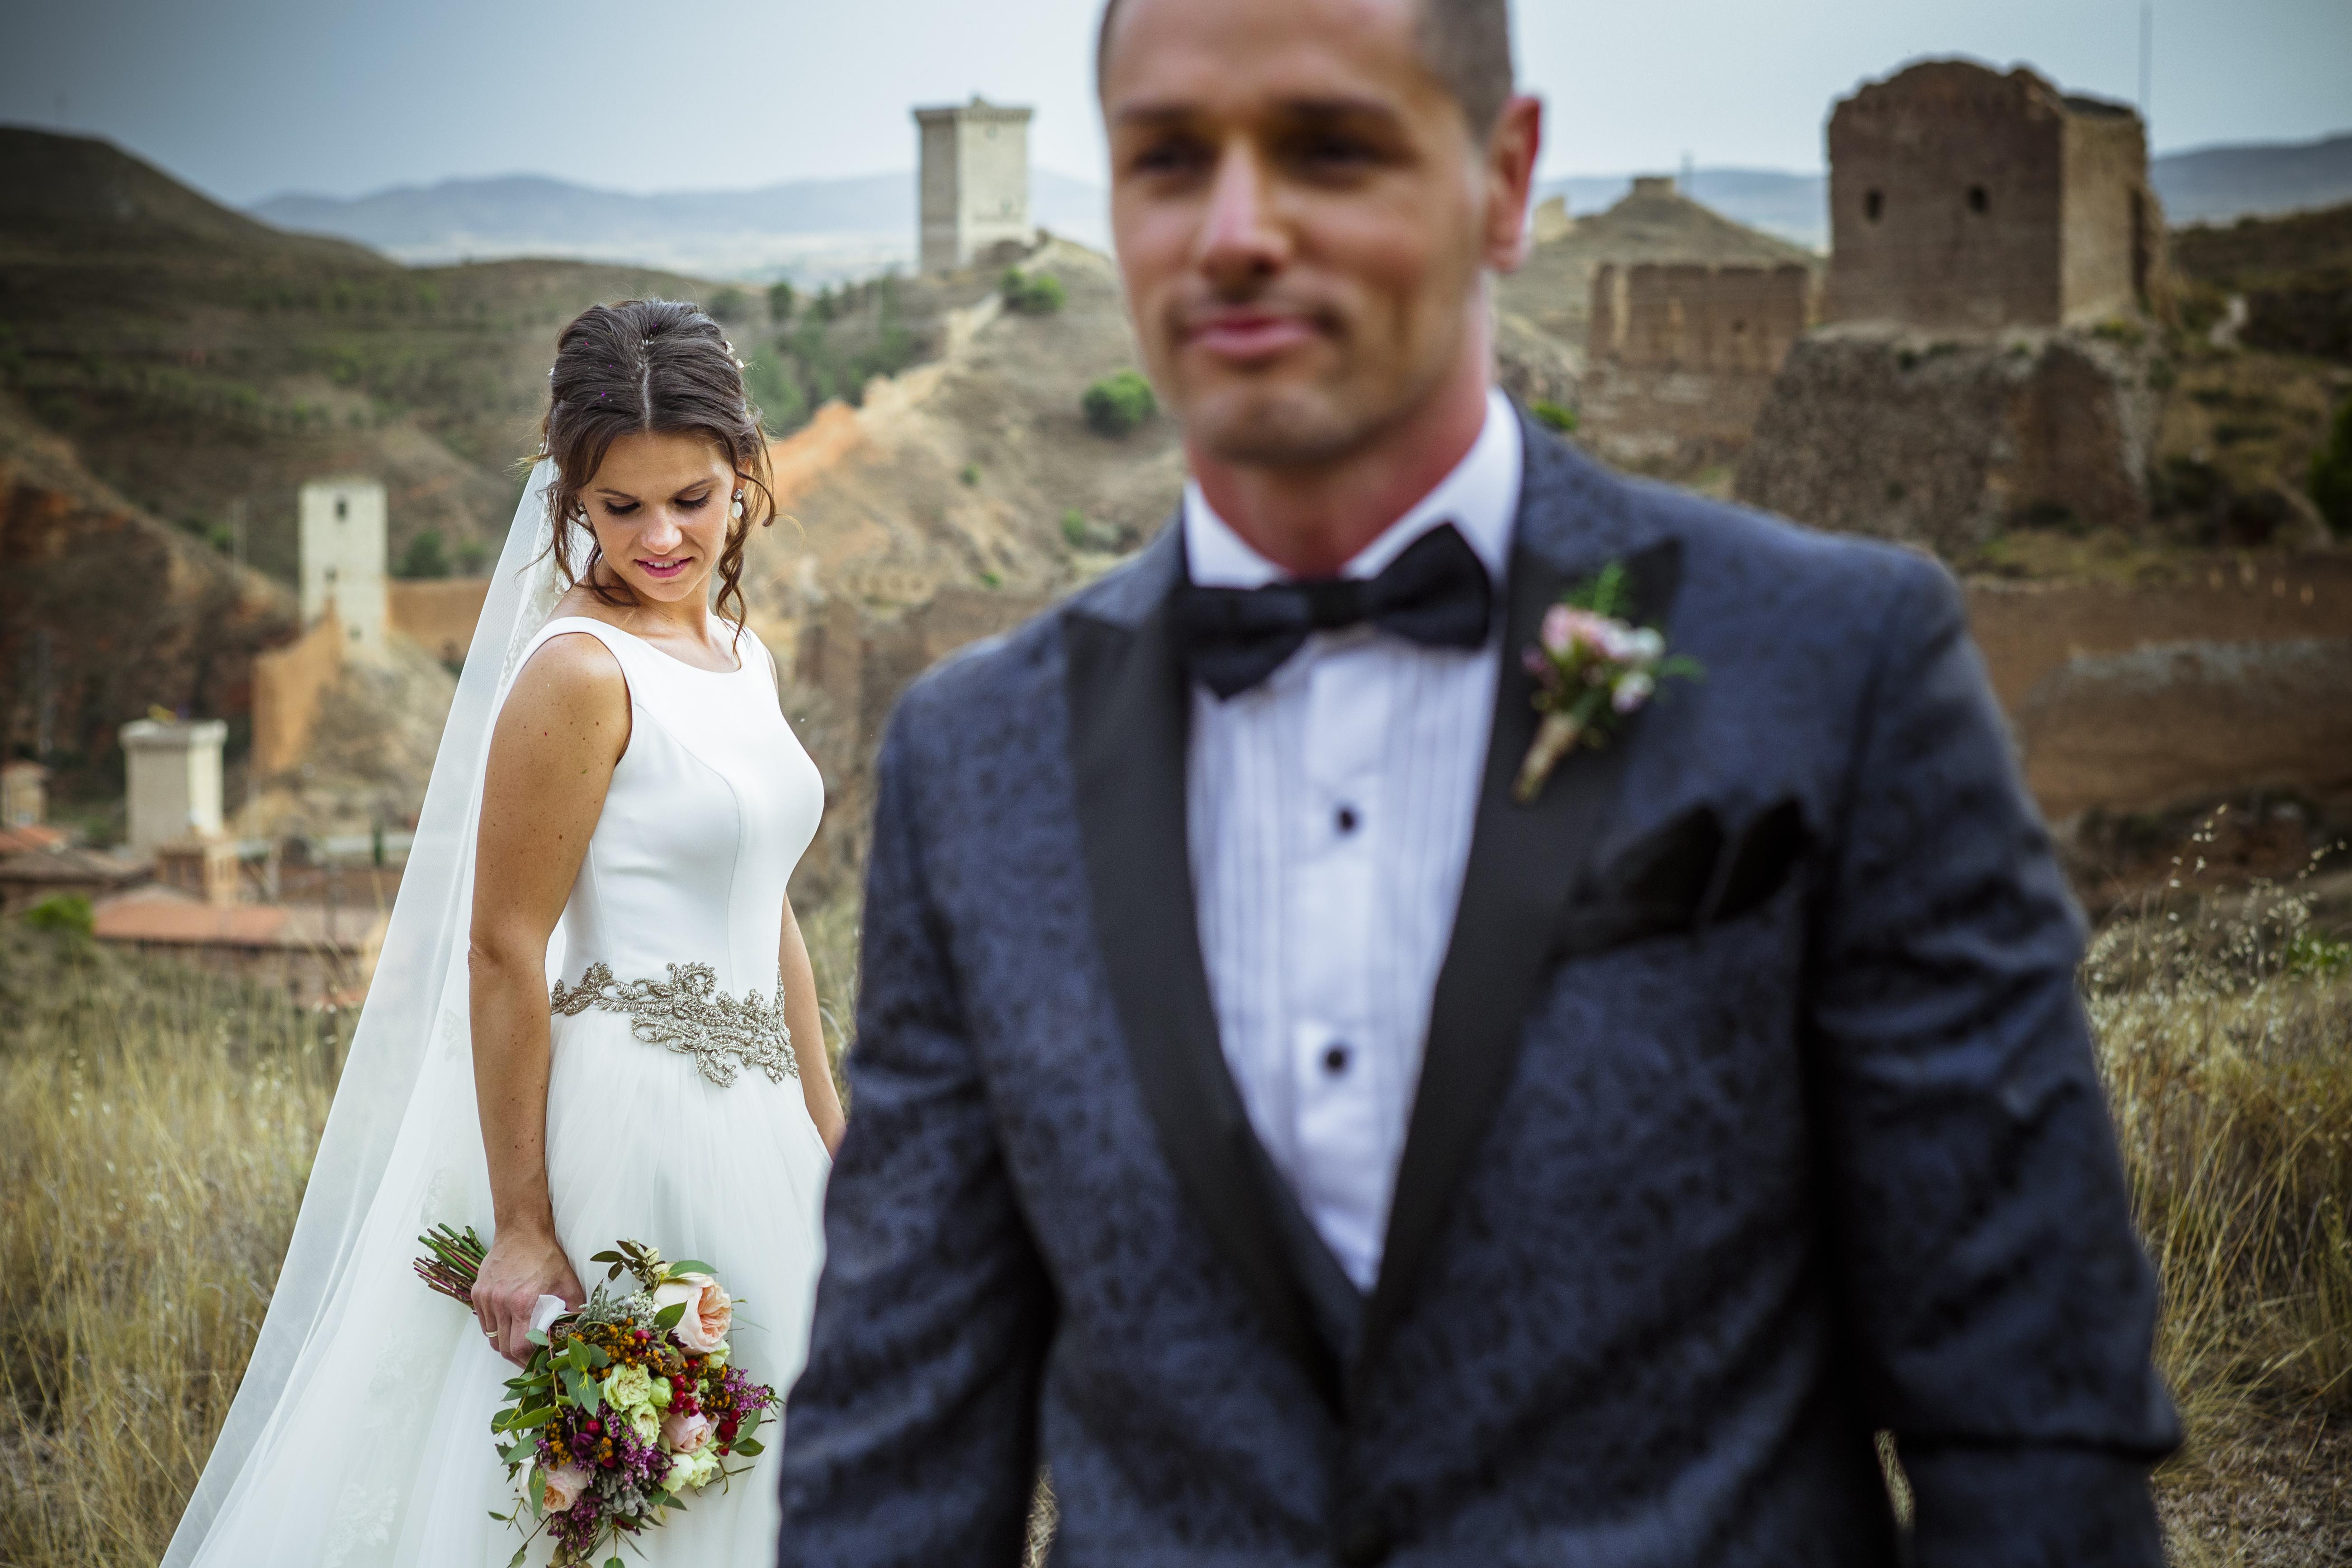 mandarina wedding, fotografos de boda, fotoperiodismo de boda, mejores fotografos de boda, bodas soria, bodas pirineo, bodas Madrid, fotógrafo daroca_16